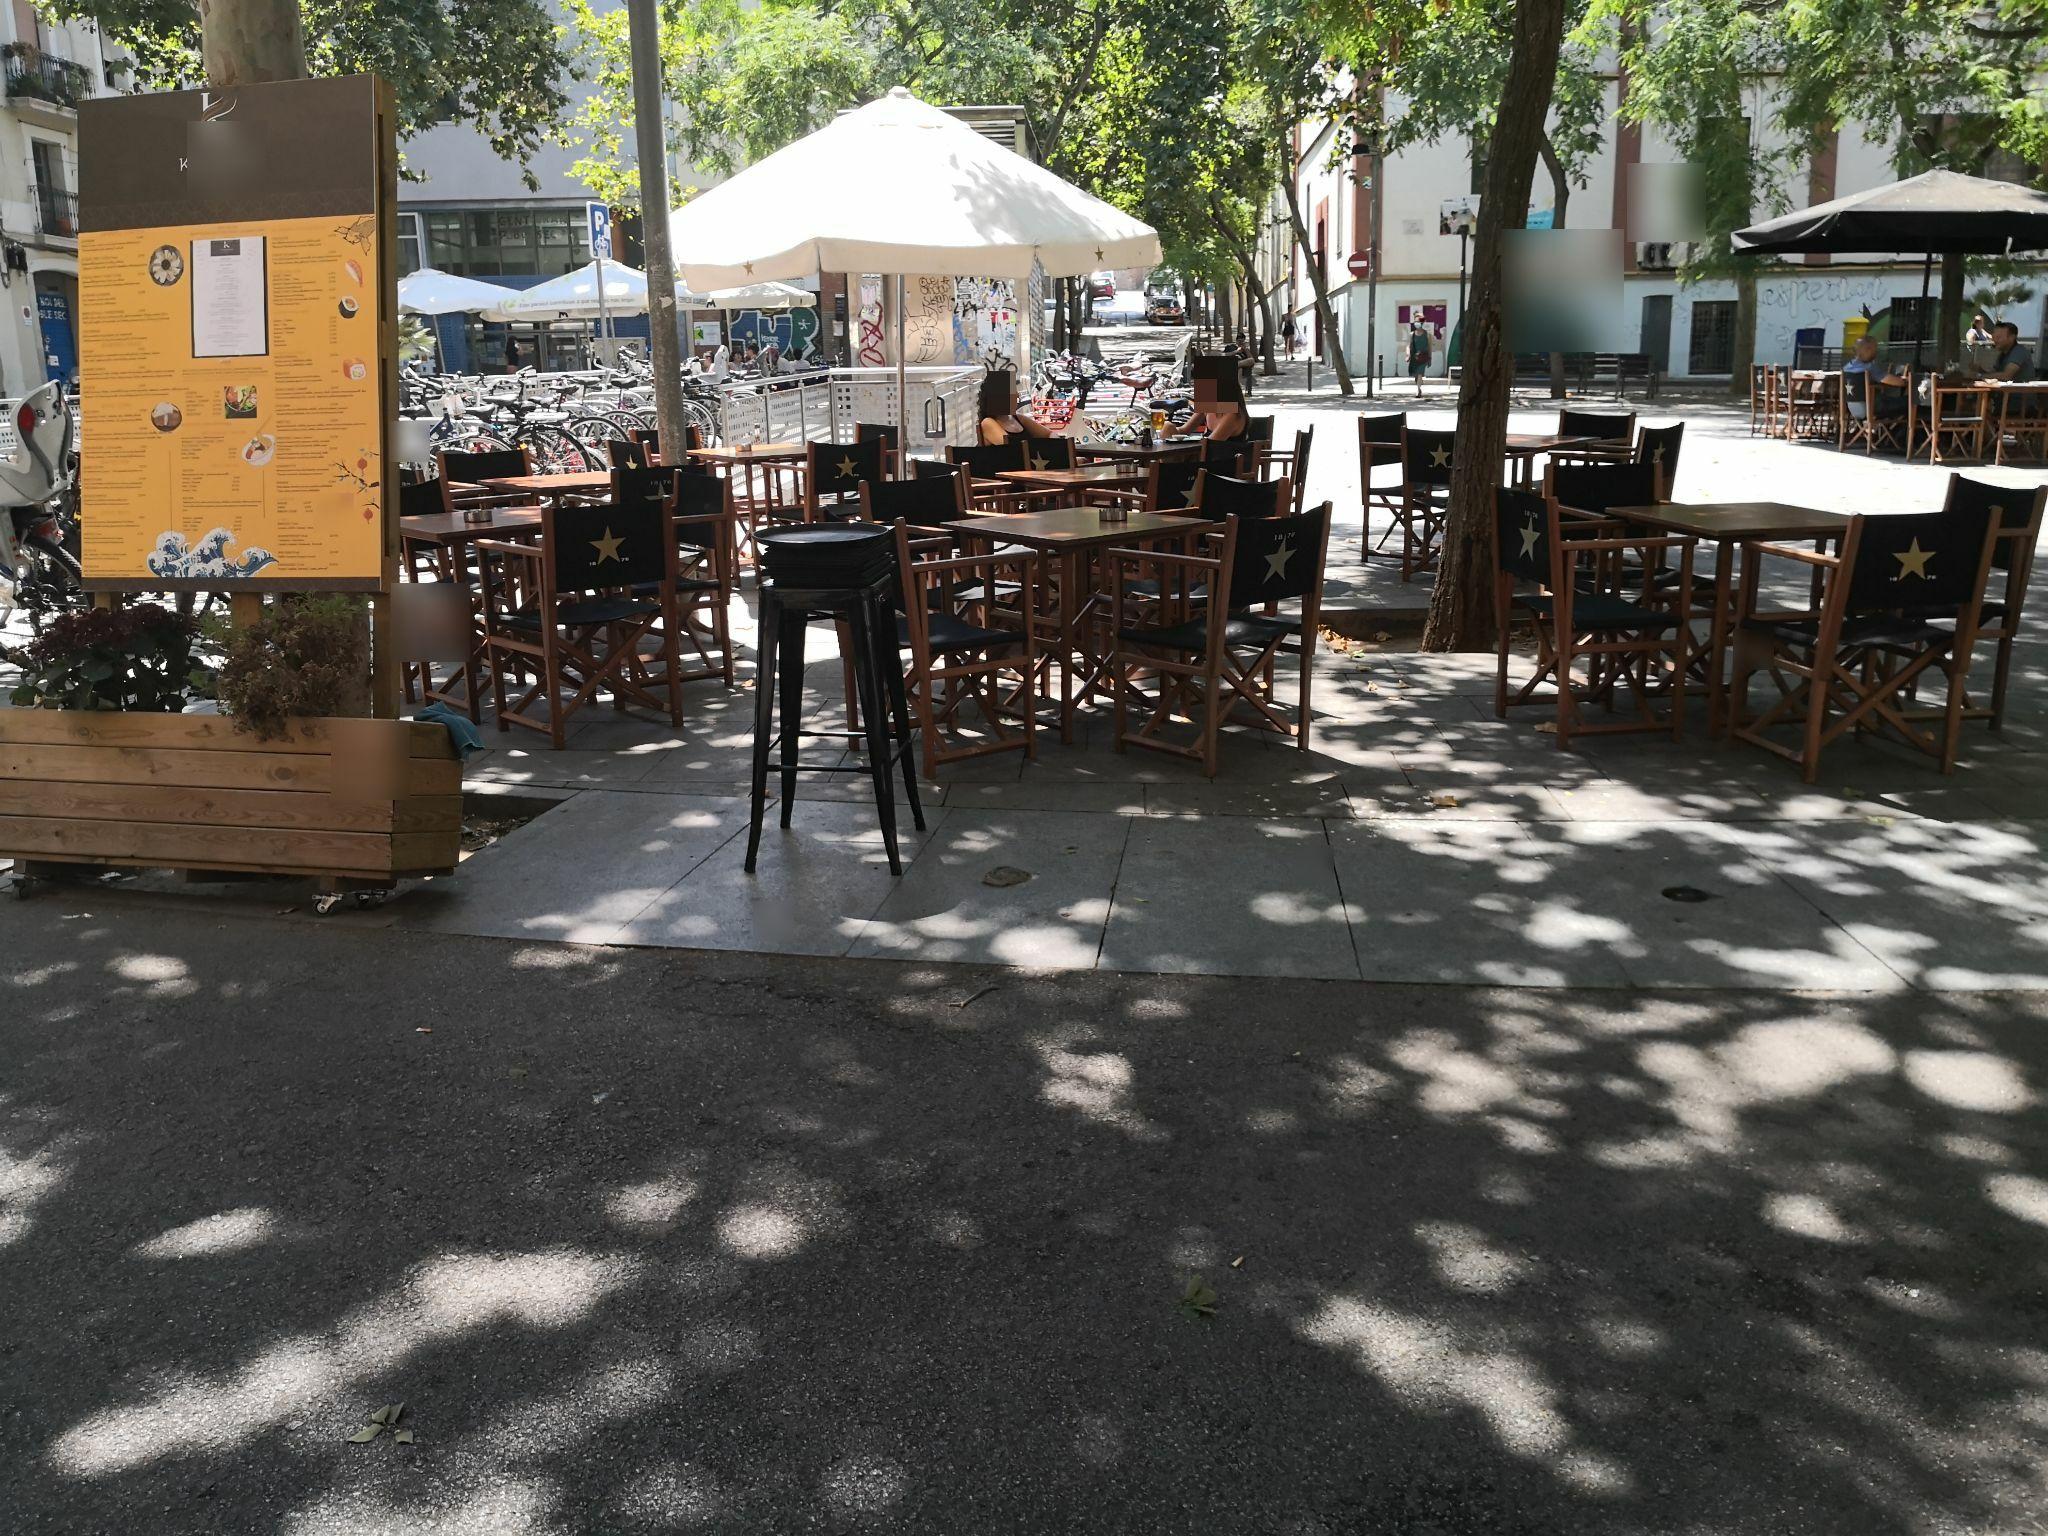 Plaça del Sortidor, 18 - A veure ... us heu passat tres pobles!!!!